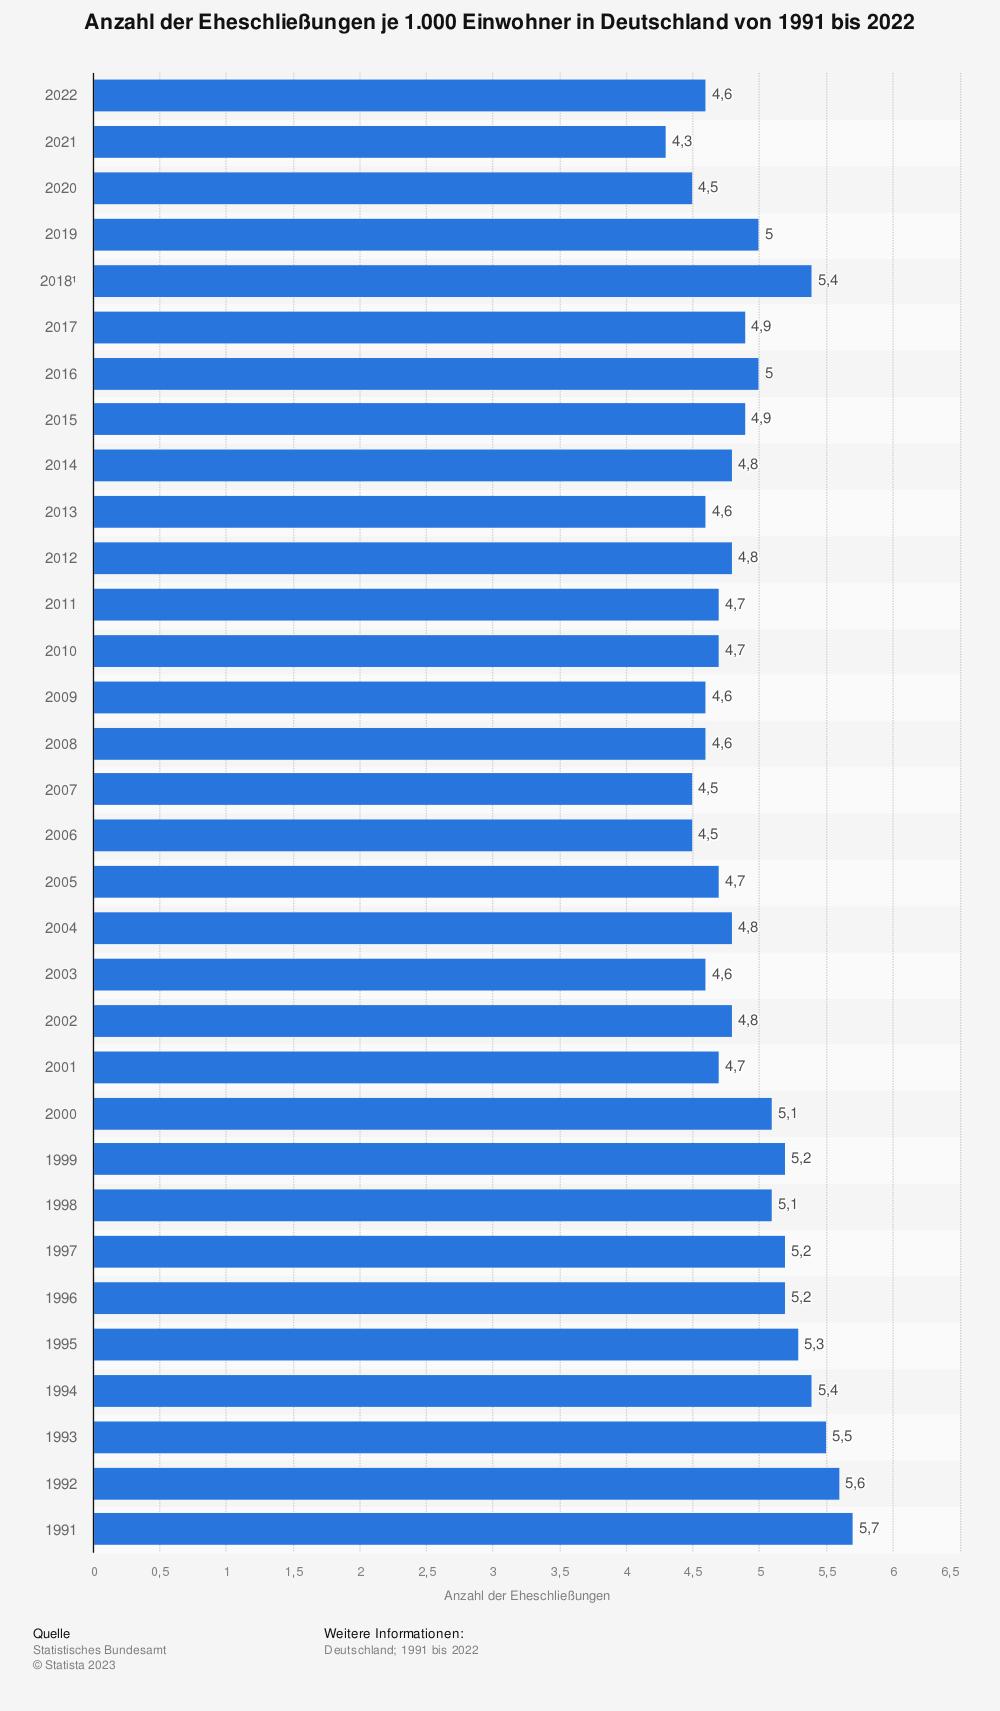 Statistik: Anzahl der Eheschließungen je 1.000 Einwohner in Deutschland von 1991 bis 2018 | Statista